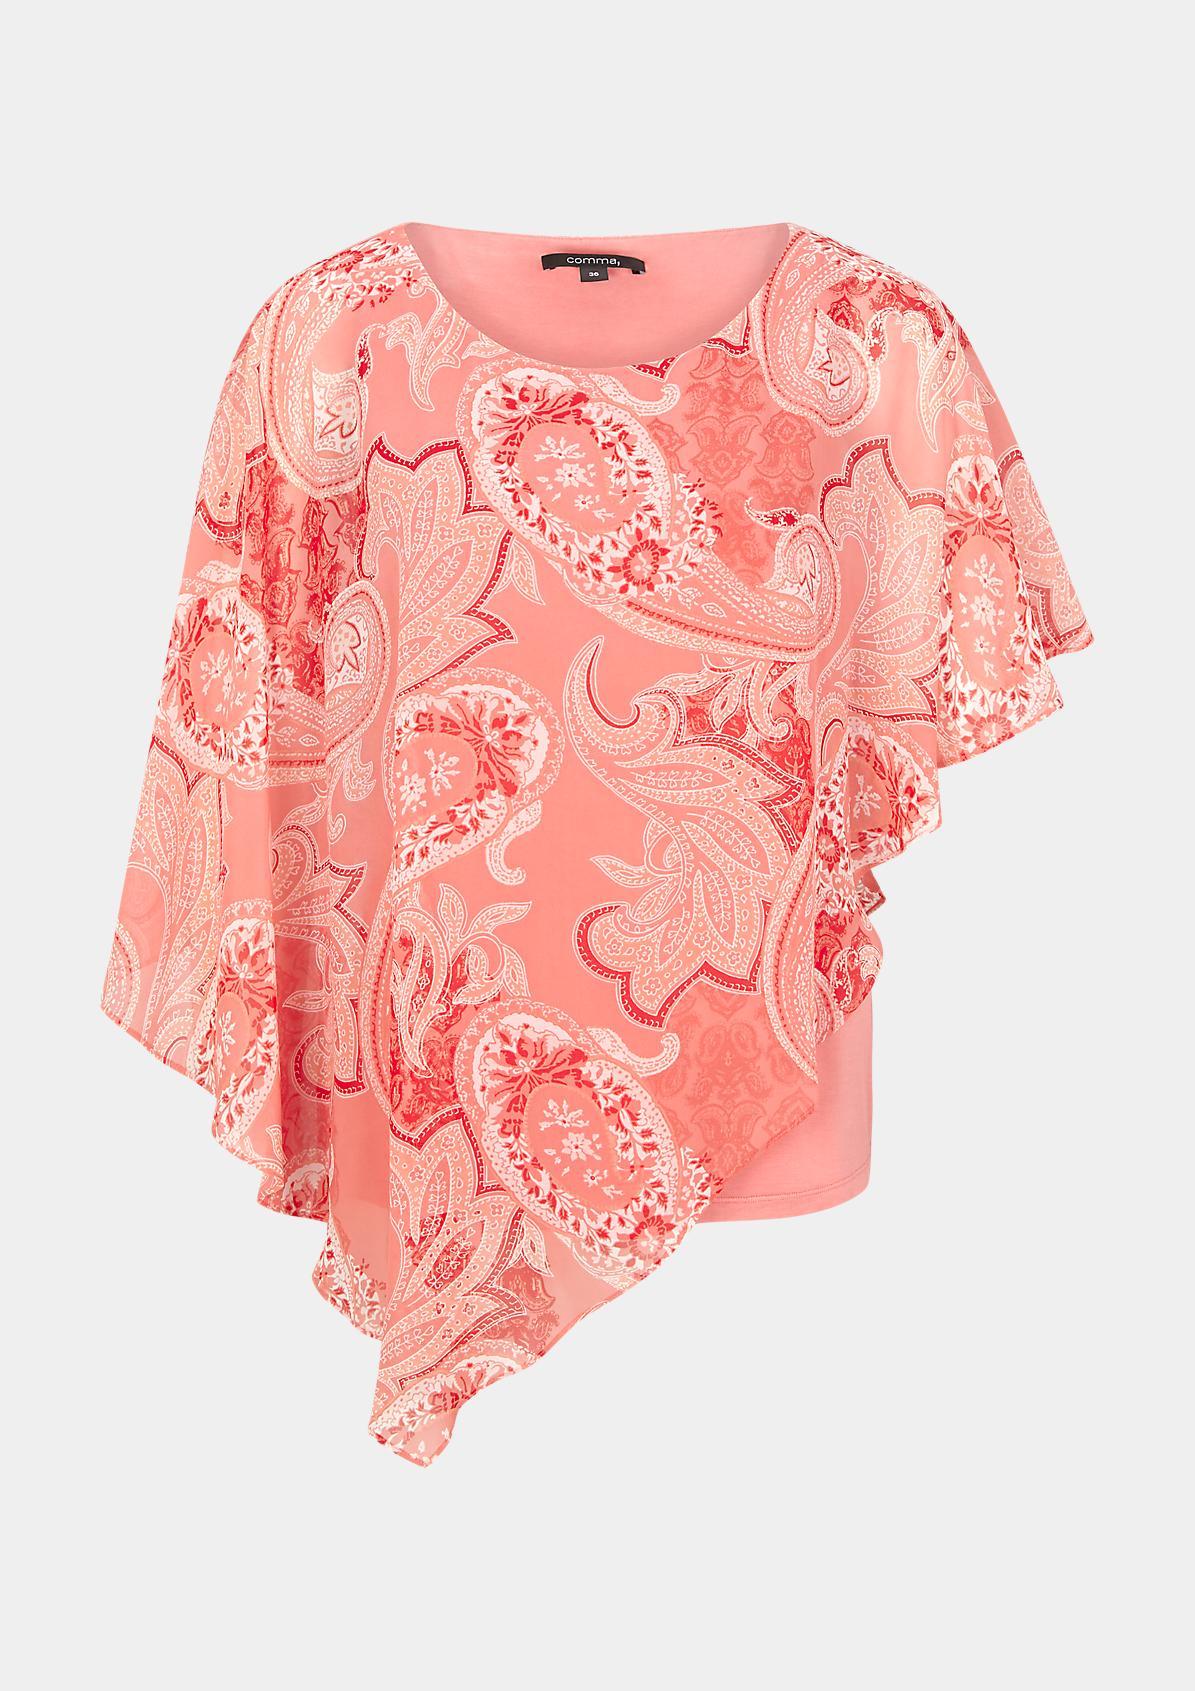 Asymmetrische Cape-Bluse aus Chiffon